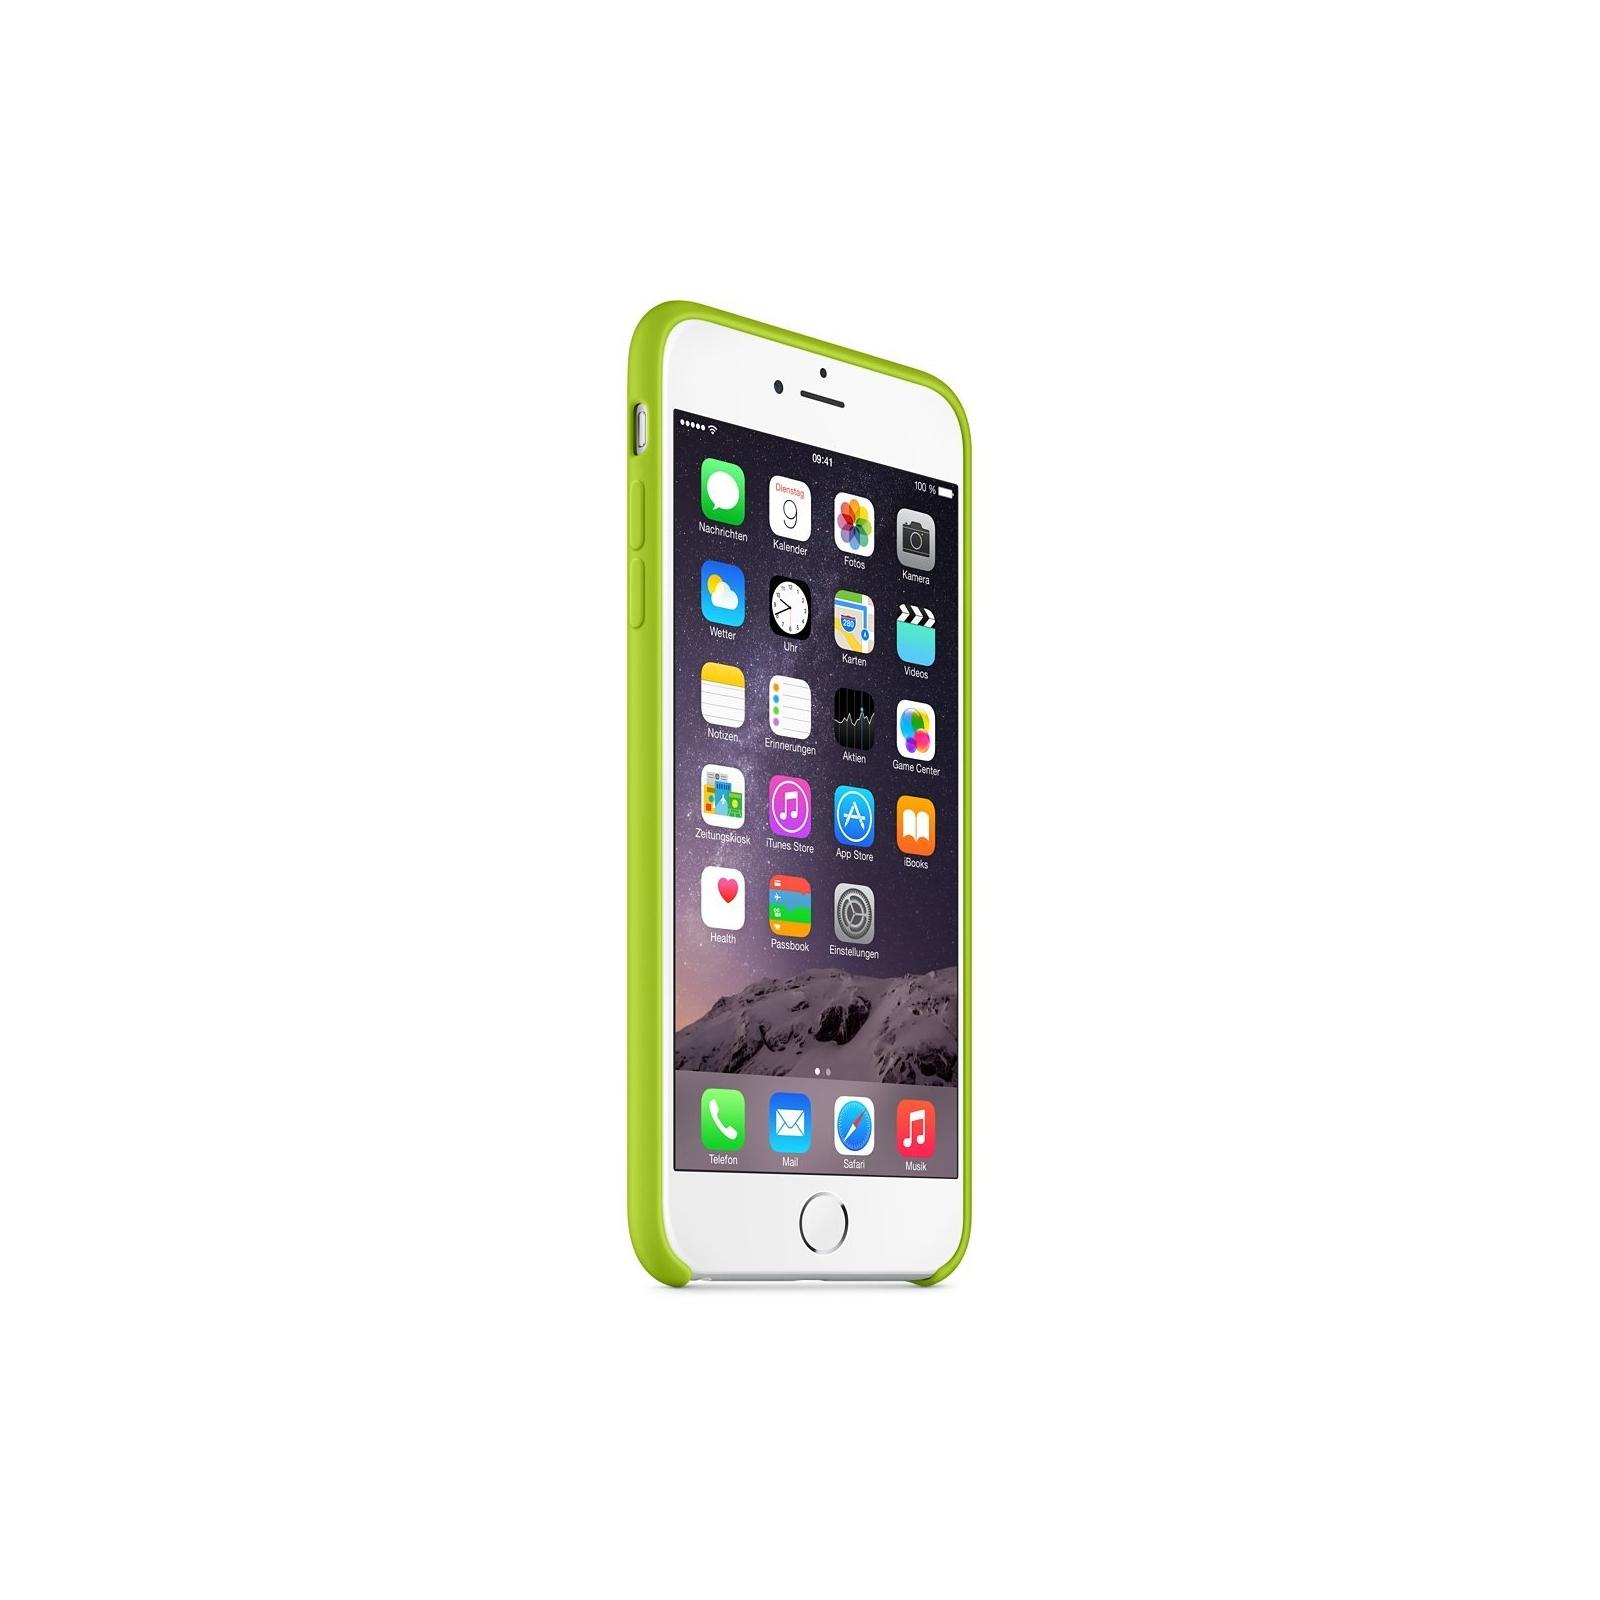 Чехол для моб. телефона Apple для iPhone 6 Plus green (MGXX2ZM/A) изображение 4